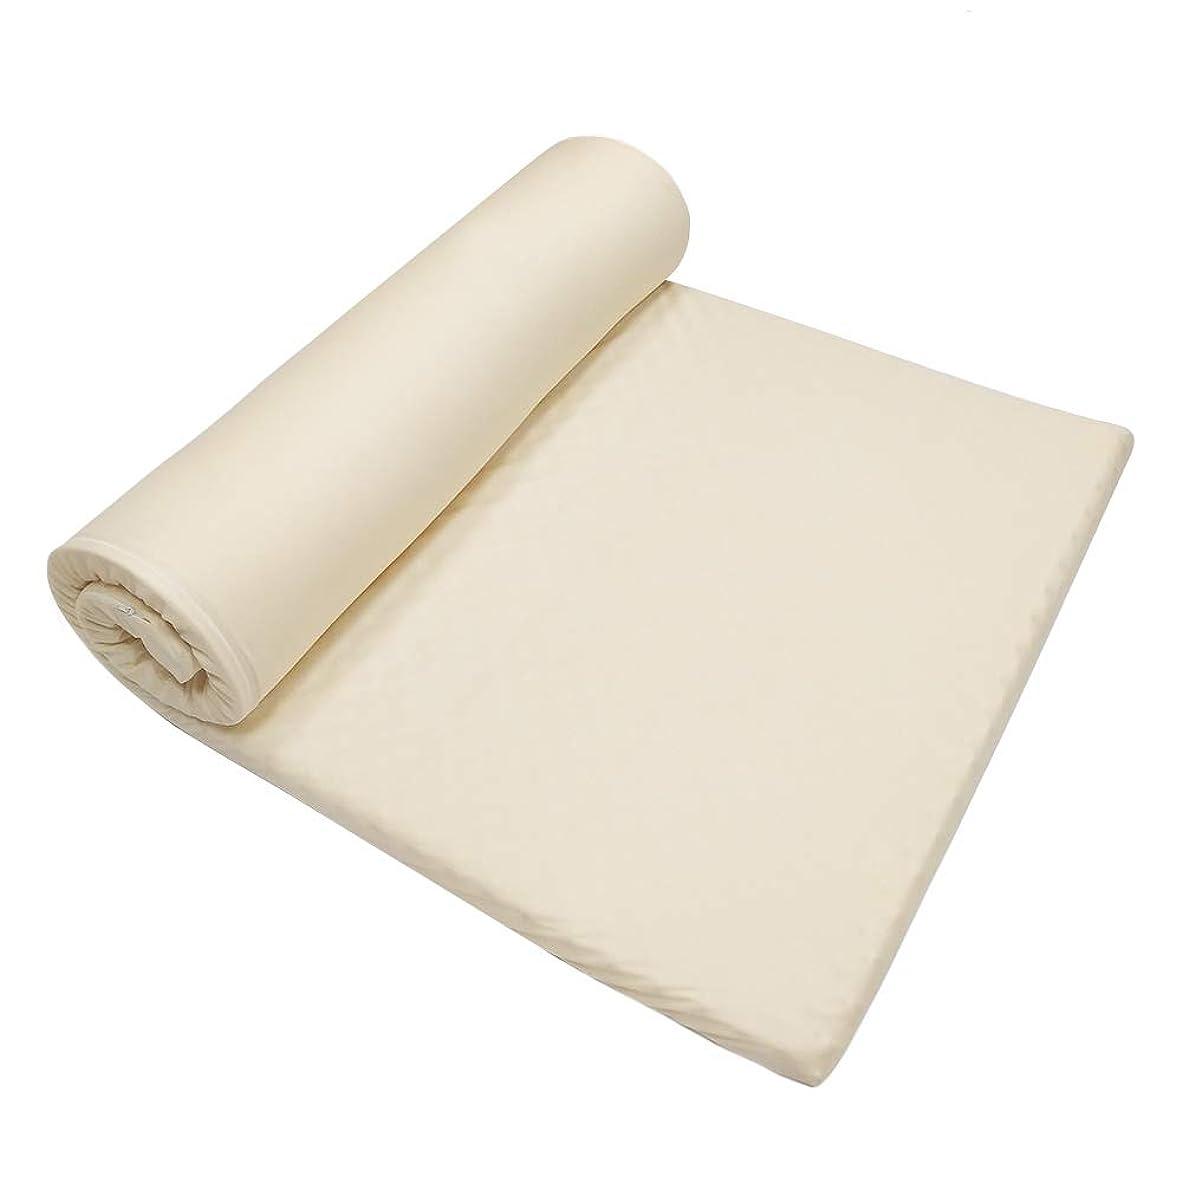 パース代数的ピークZerohub マットレストッパー 腰痛 折り畳みマットレス シングル 簡易マットレス 100×190×5cm プロファイル加工 点で支える 高反発 ウレタン ベッドマット 敷布団 やわらかめ ごろ寝マット 重ね使い用